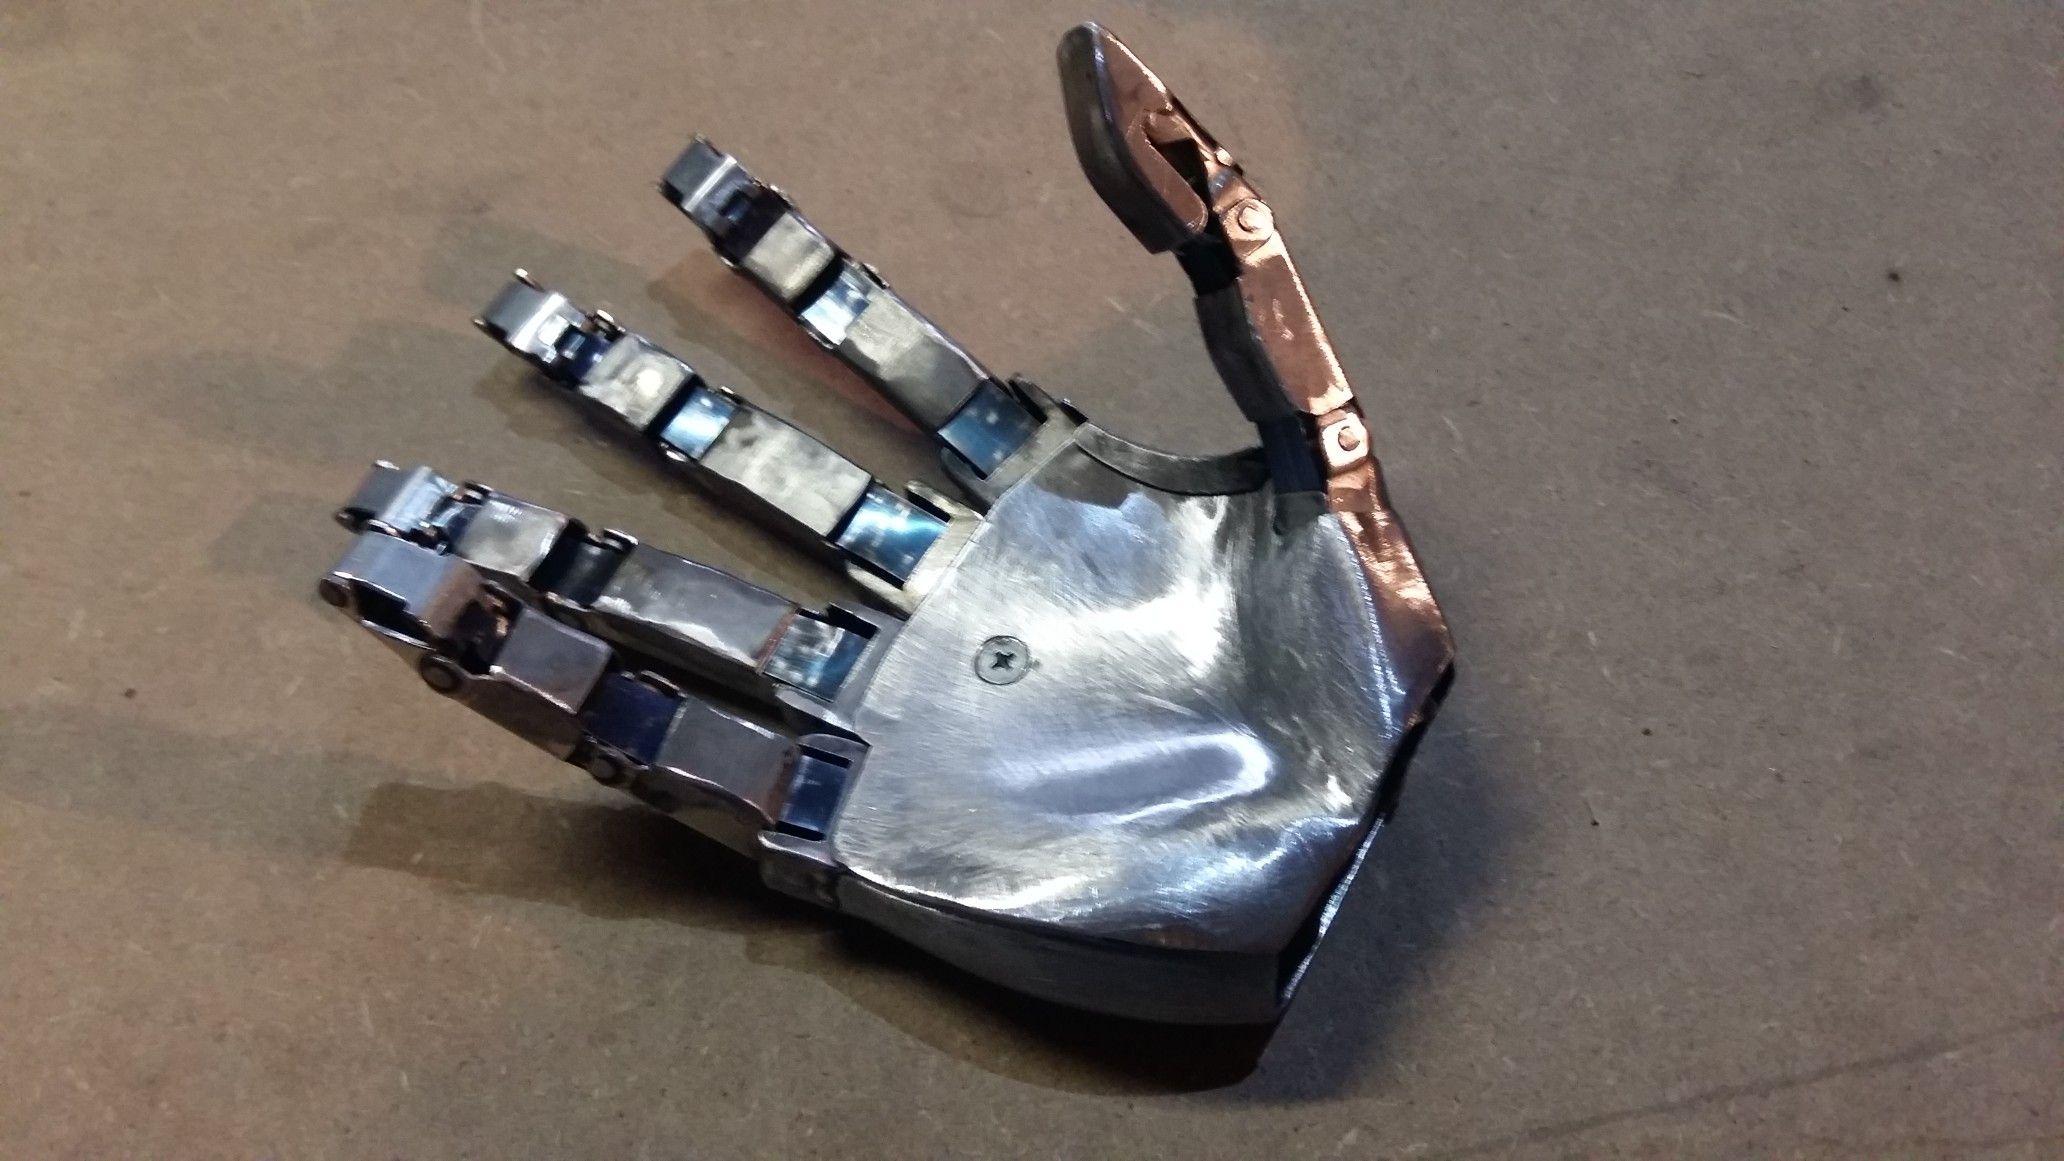 Homemade robot hand